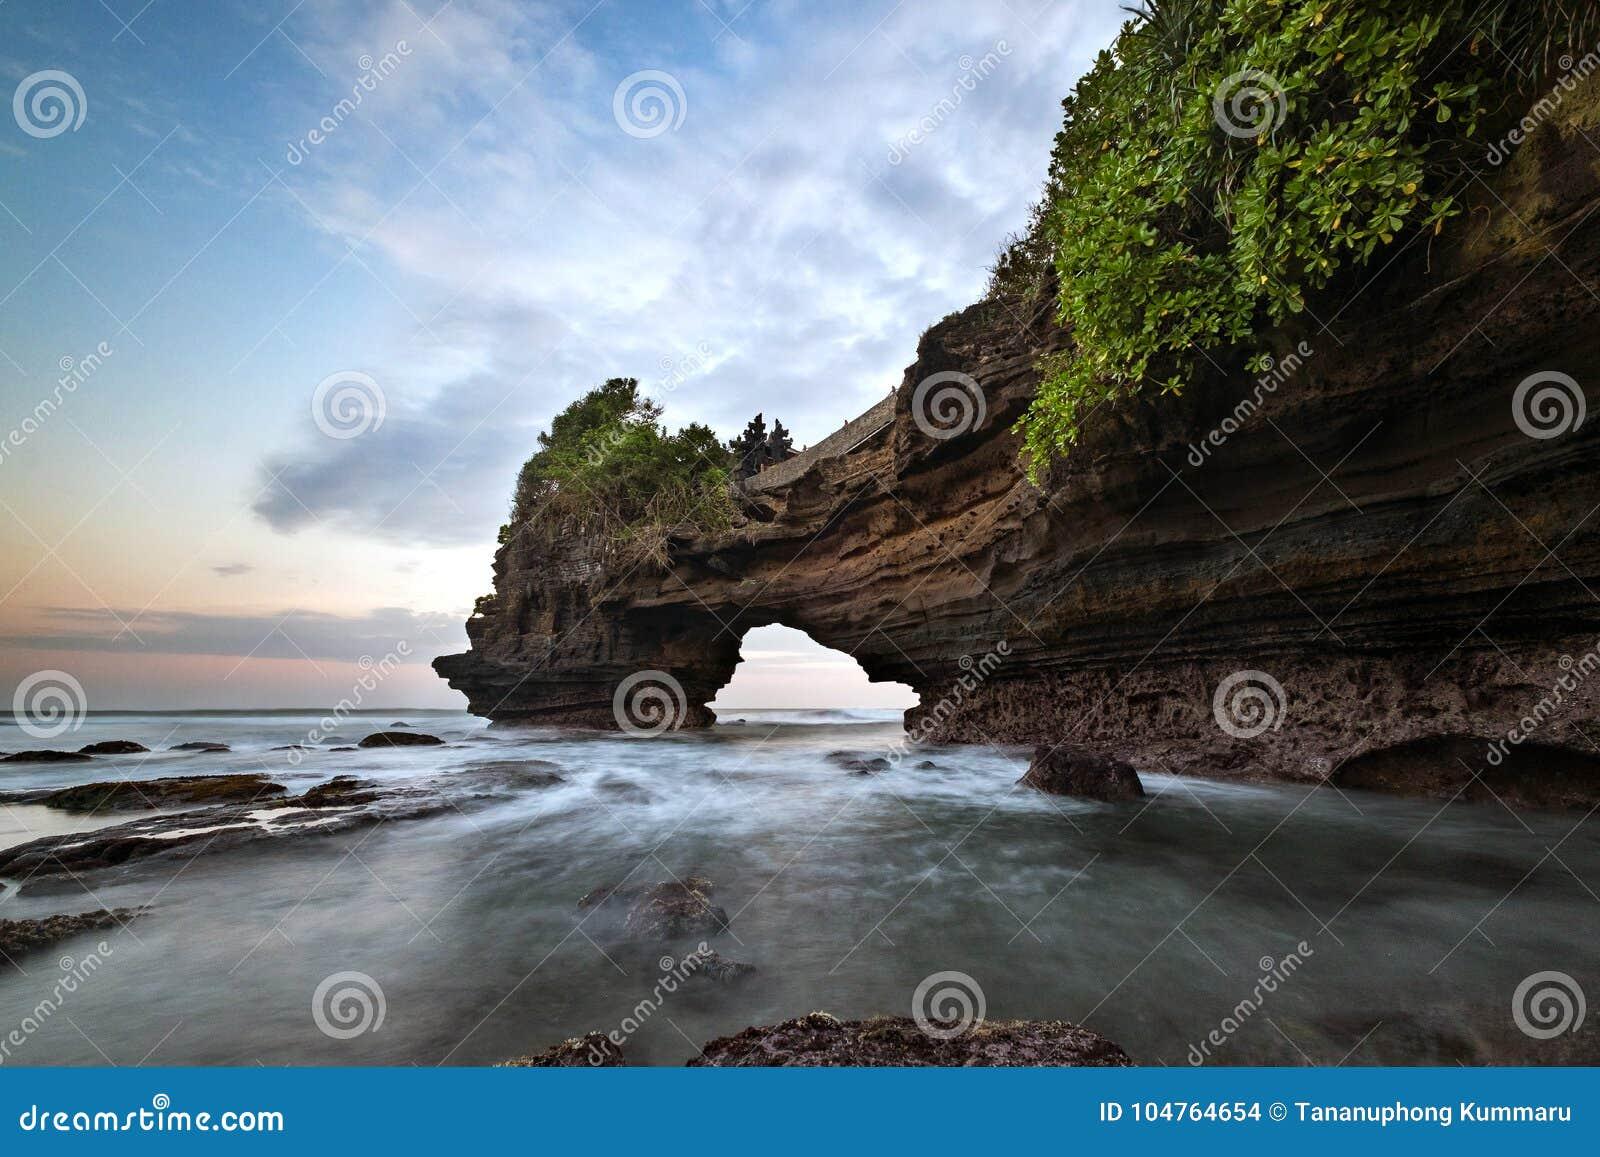 Zmierzch blisko sławnego turystycznego punktu zwrotnego Bali wyspa - Tanah Batu Bolong & udziału świątynia